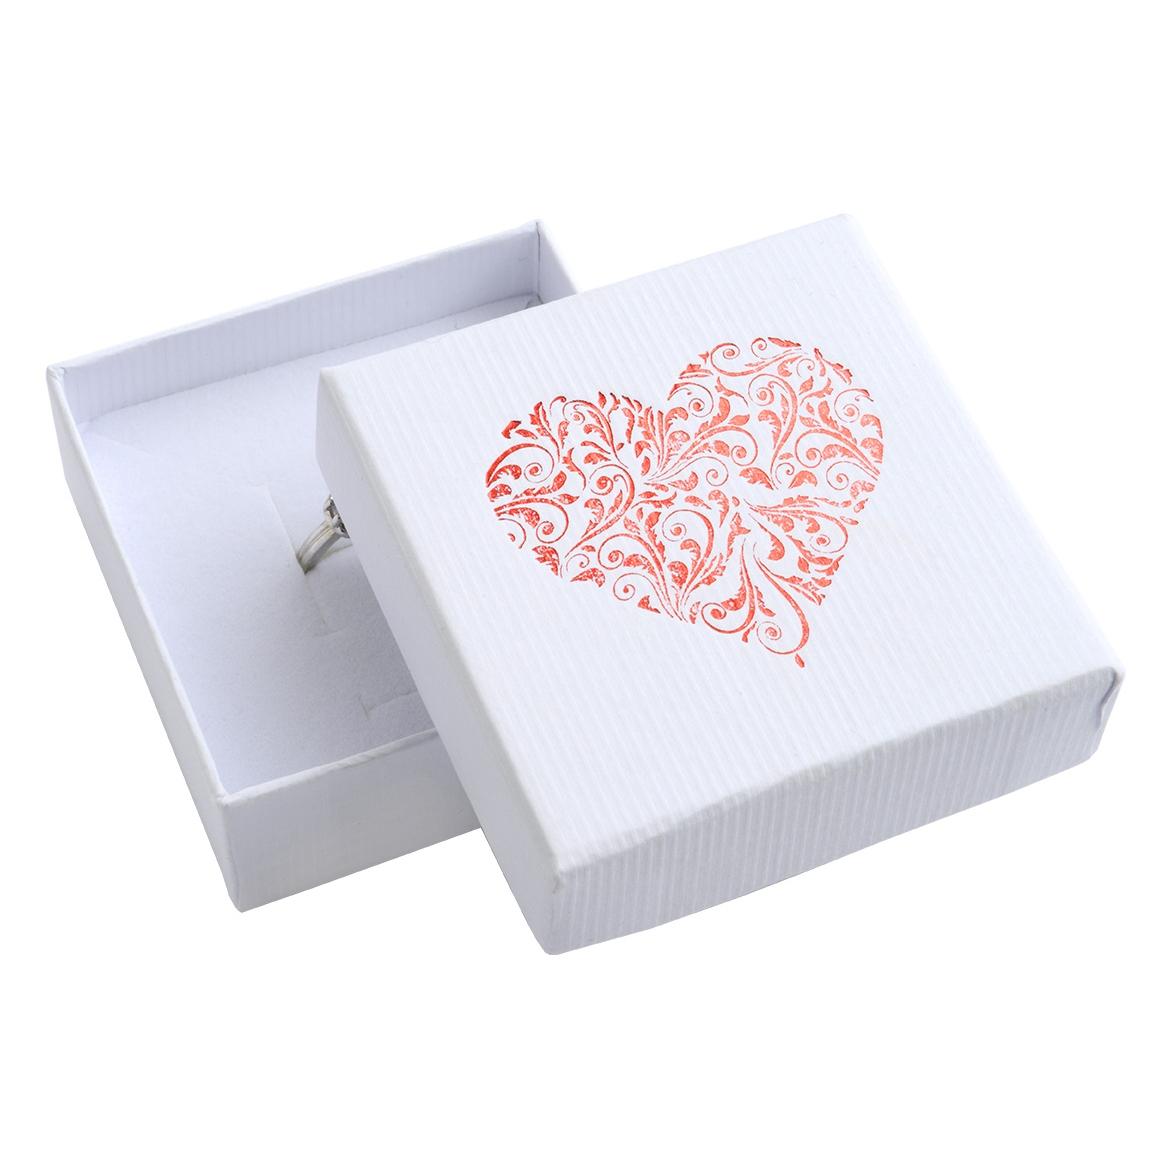 Bílá dárková krabička na soupravu šperků s ornamentálním srdcem